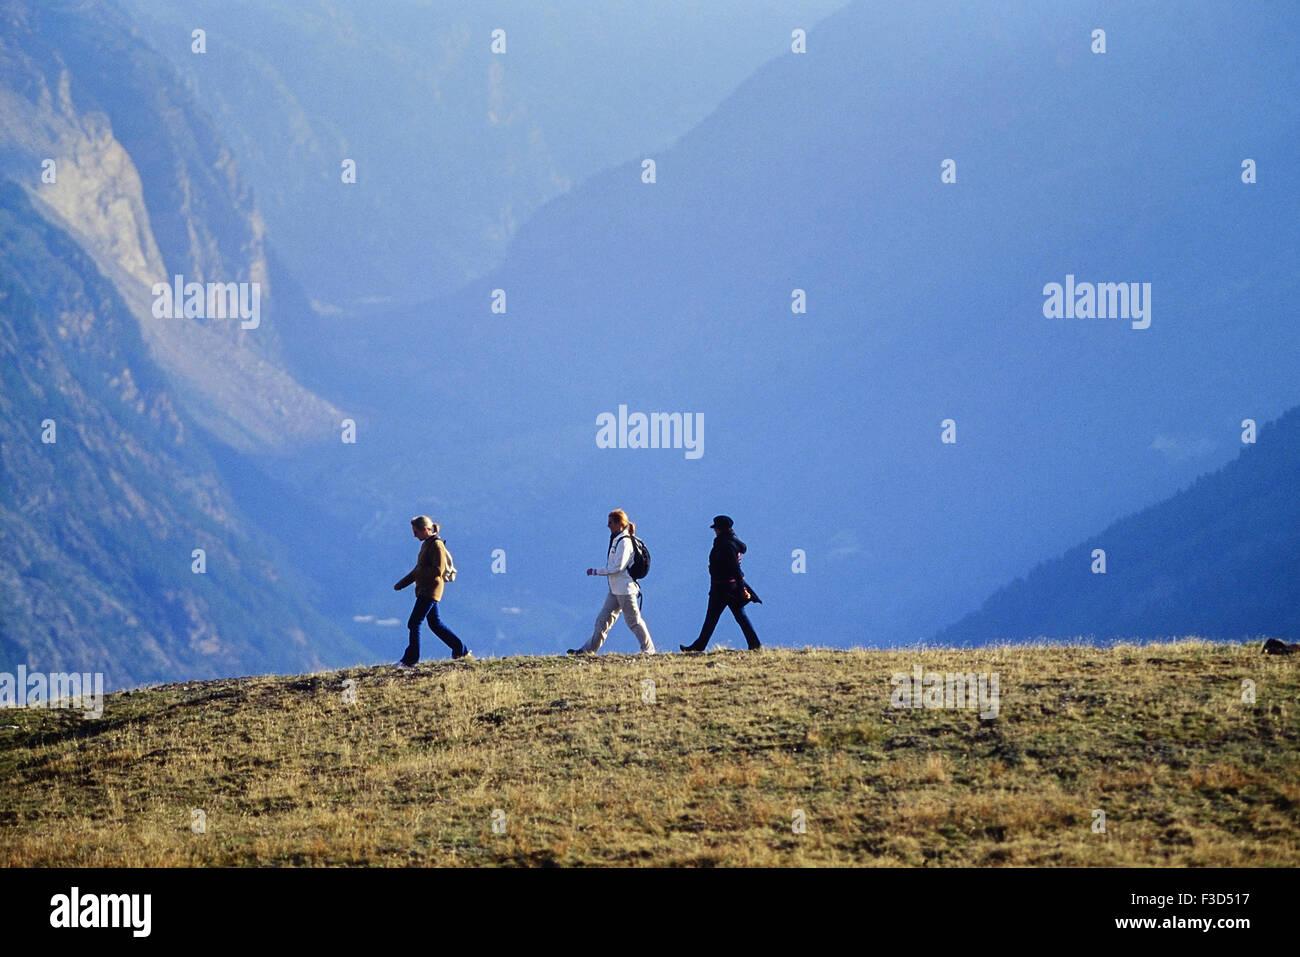 Tres mujeres senderismo por encima de la estación alpina de Zermatt. Suiza. Europa Imagen De Stock